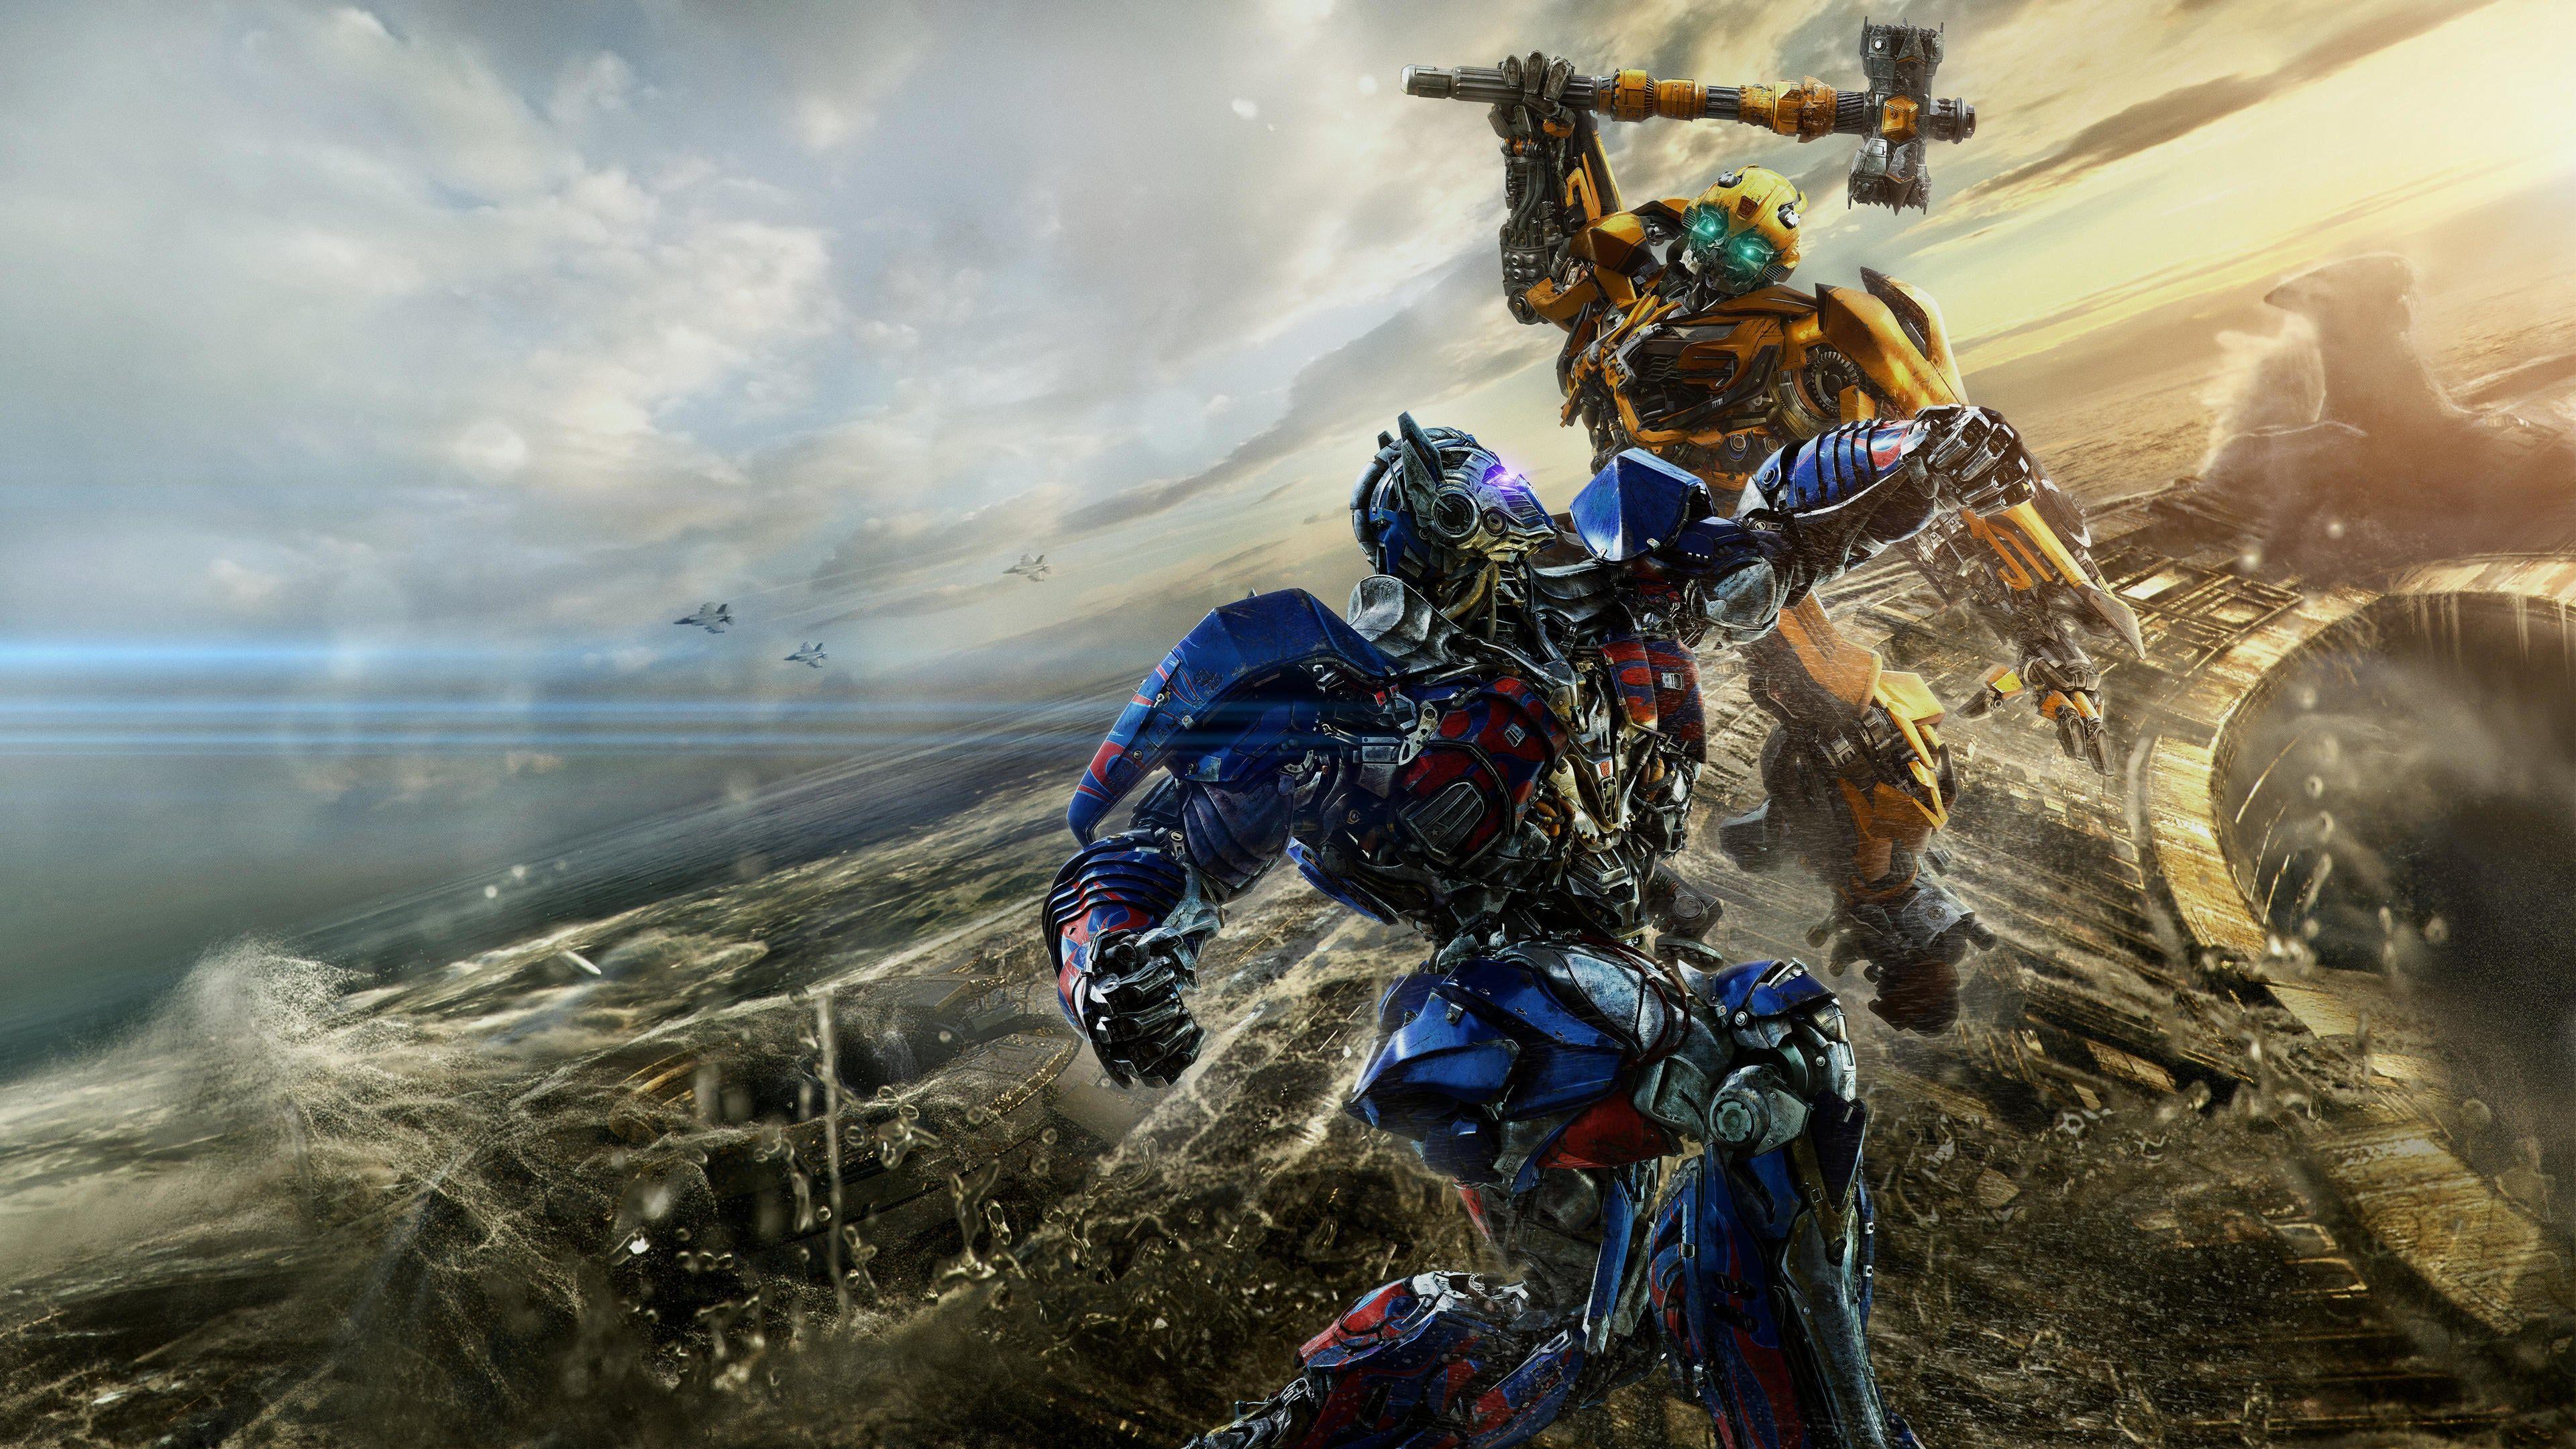 Transformers L Ultimo Cavaliere 2017 Streaming Ita Cb01 Film Completo Italiano Altadefinizio Transformers Pelicula Titanes Del Pacifico Imagenes Transformers